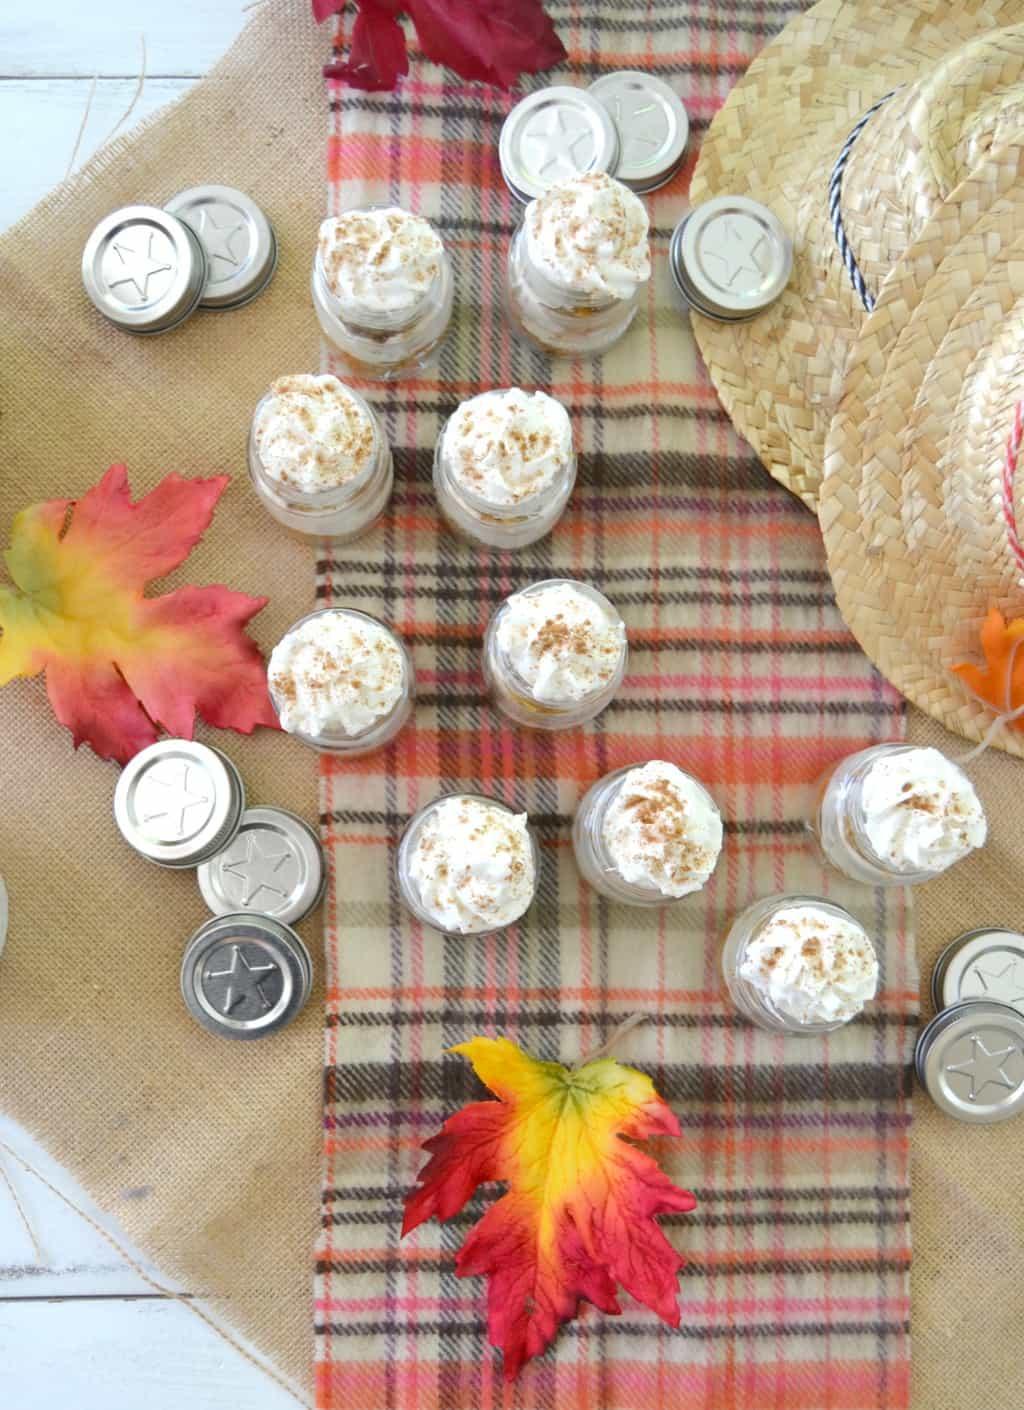 ... trifles pumpkin cheesecake pumpkin cheesecake pumpkin cheesecake